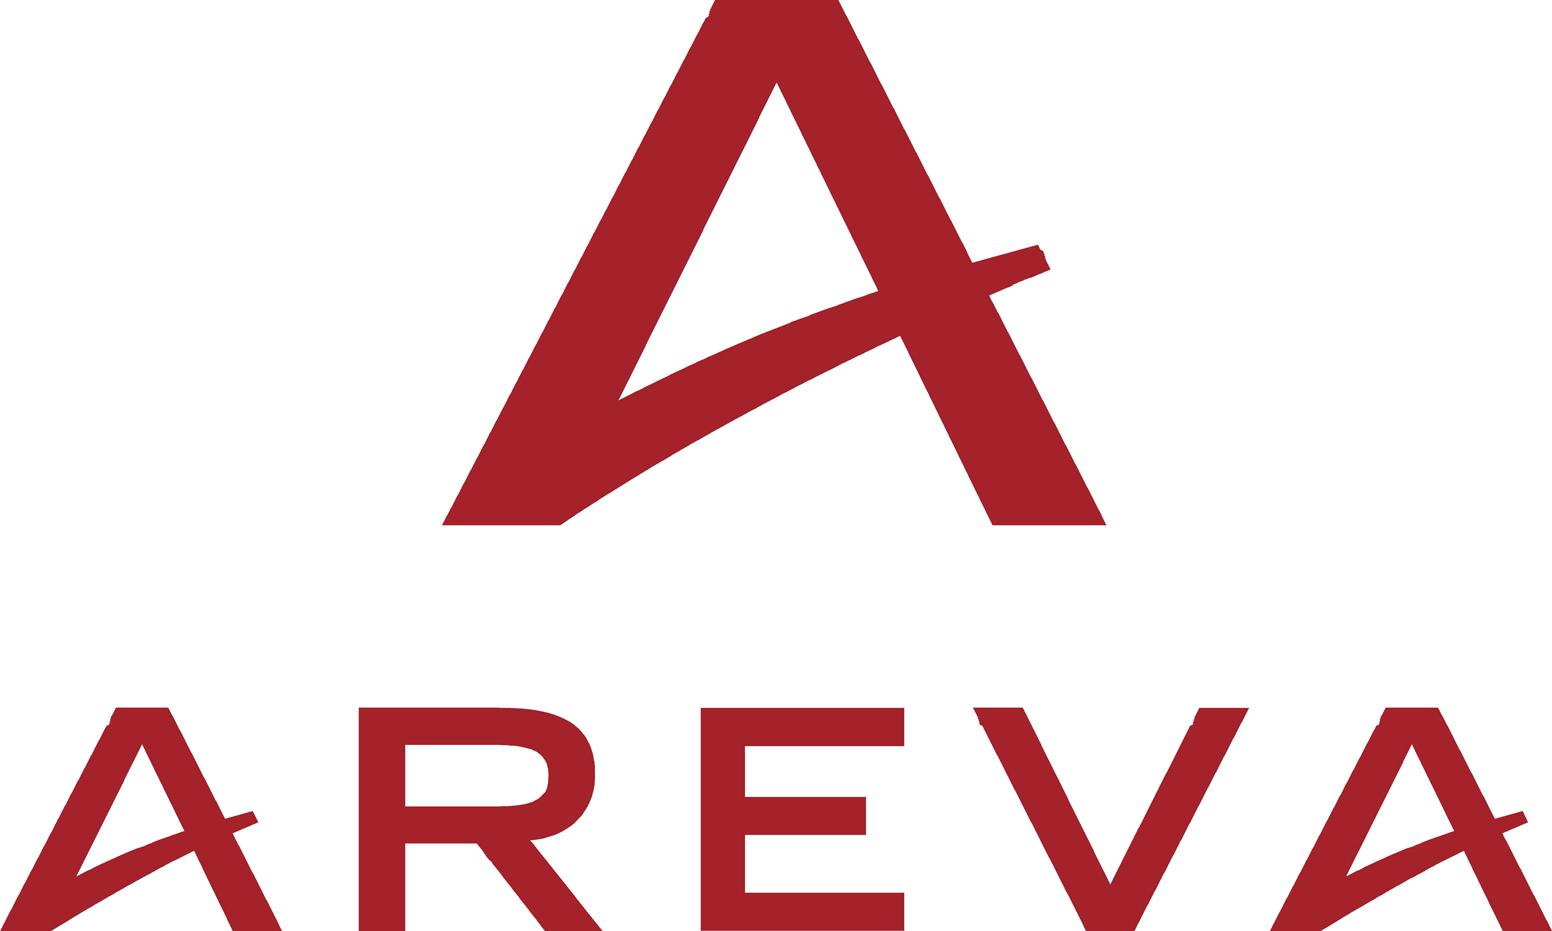 www.areva.com - logo